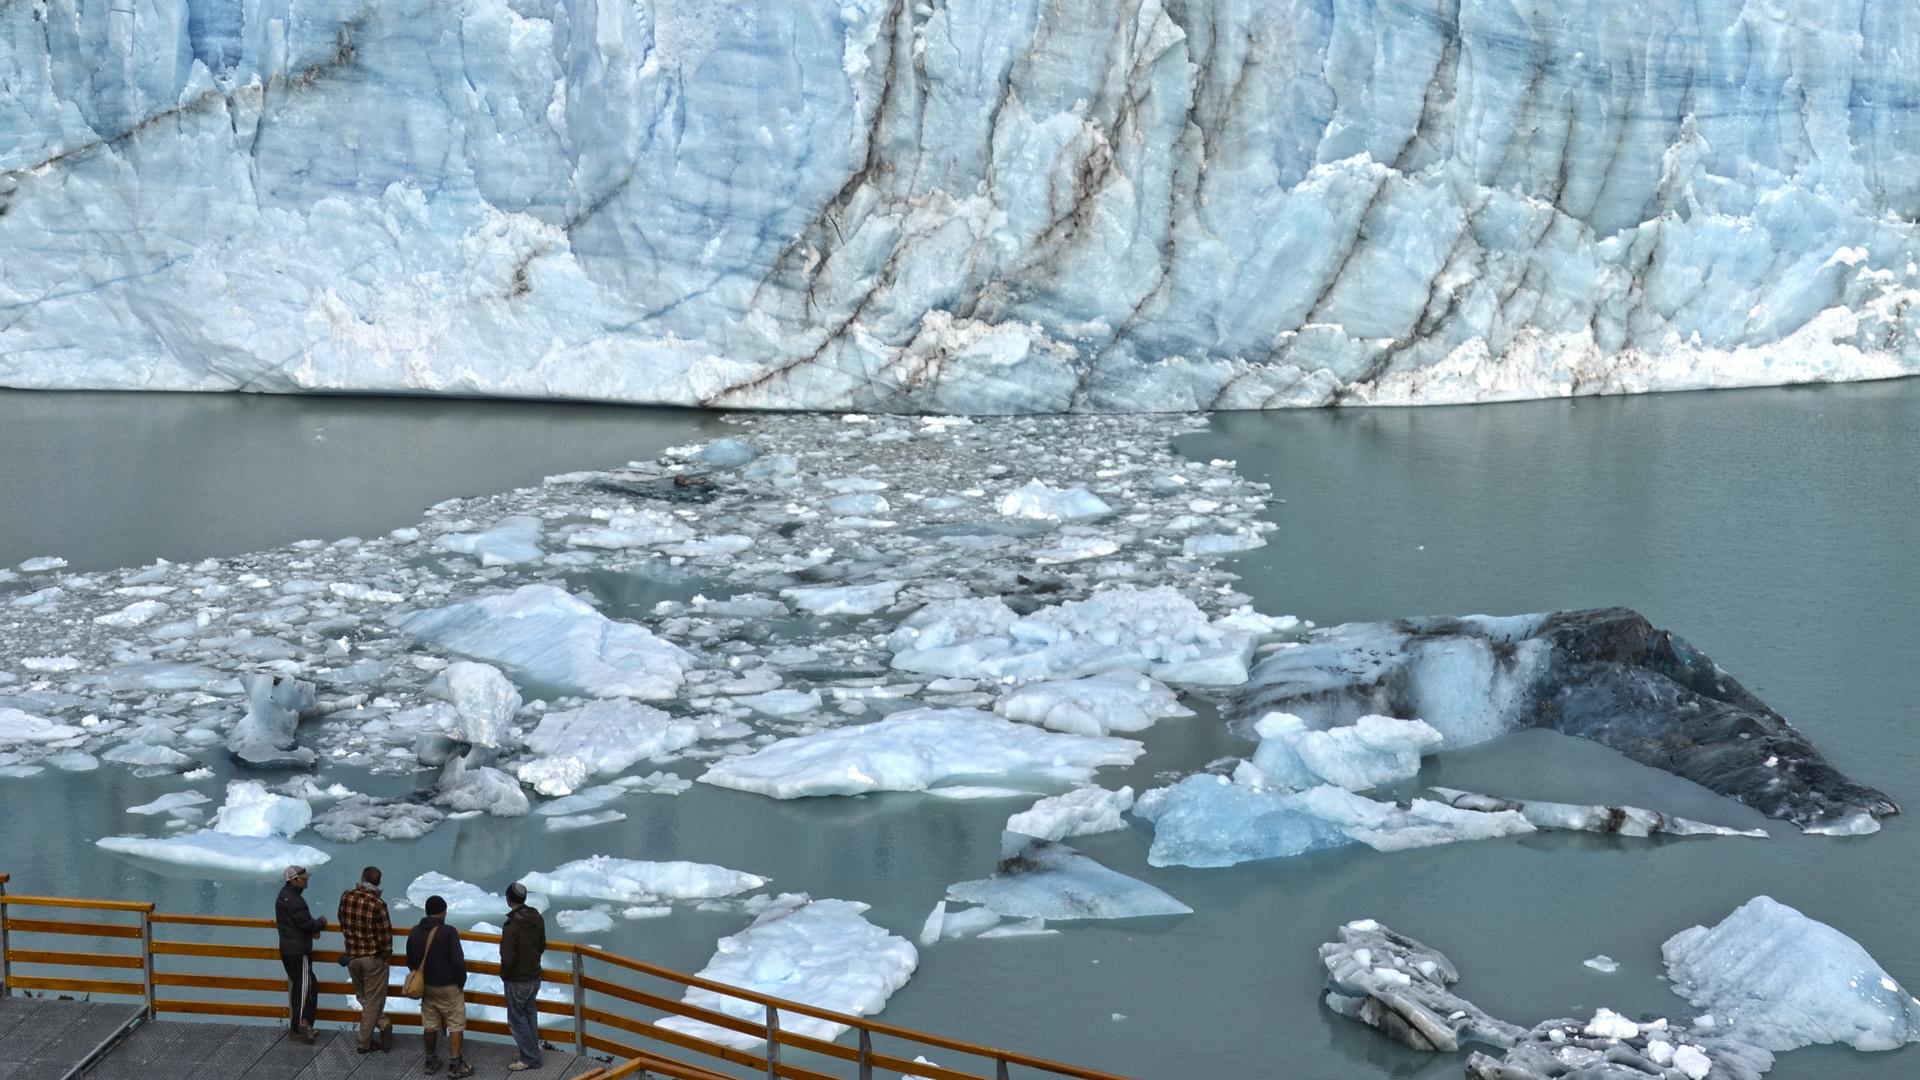 La zona desértica incluye todo el noroeste del país hasta el norte de San Juan. Las condiciones de aridez limitan la formación del hielo y nieve a pequeños parches en los picos más altos, y los glaciares sólo aparecen en volcanes aislados, muchos de los cuales alcanzan más de 6.000 metros de altitud(Foto del Glaciar Perito Moreno)